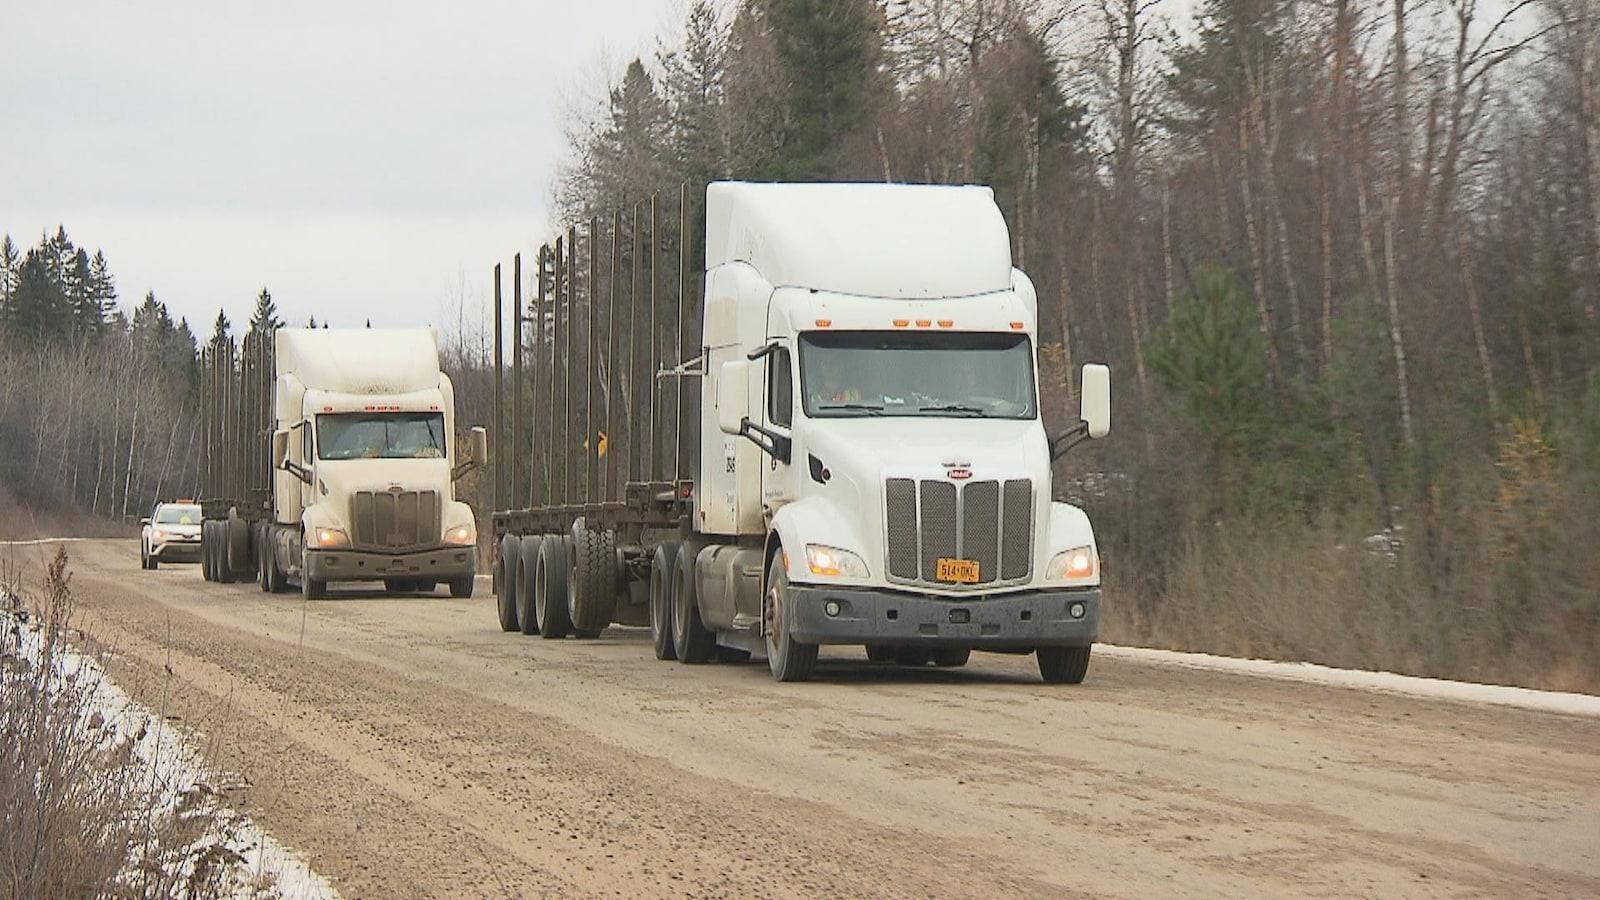 Deux camions se suivent sur un chemin forestier